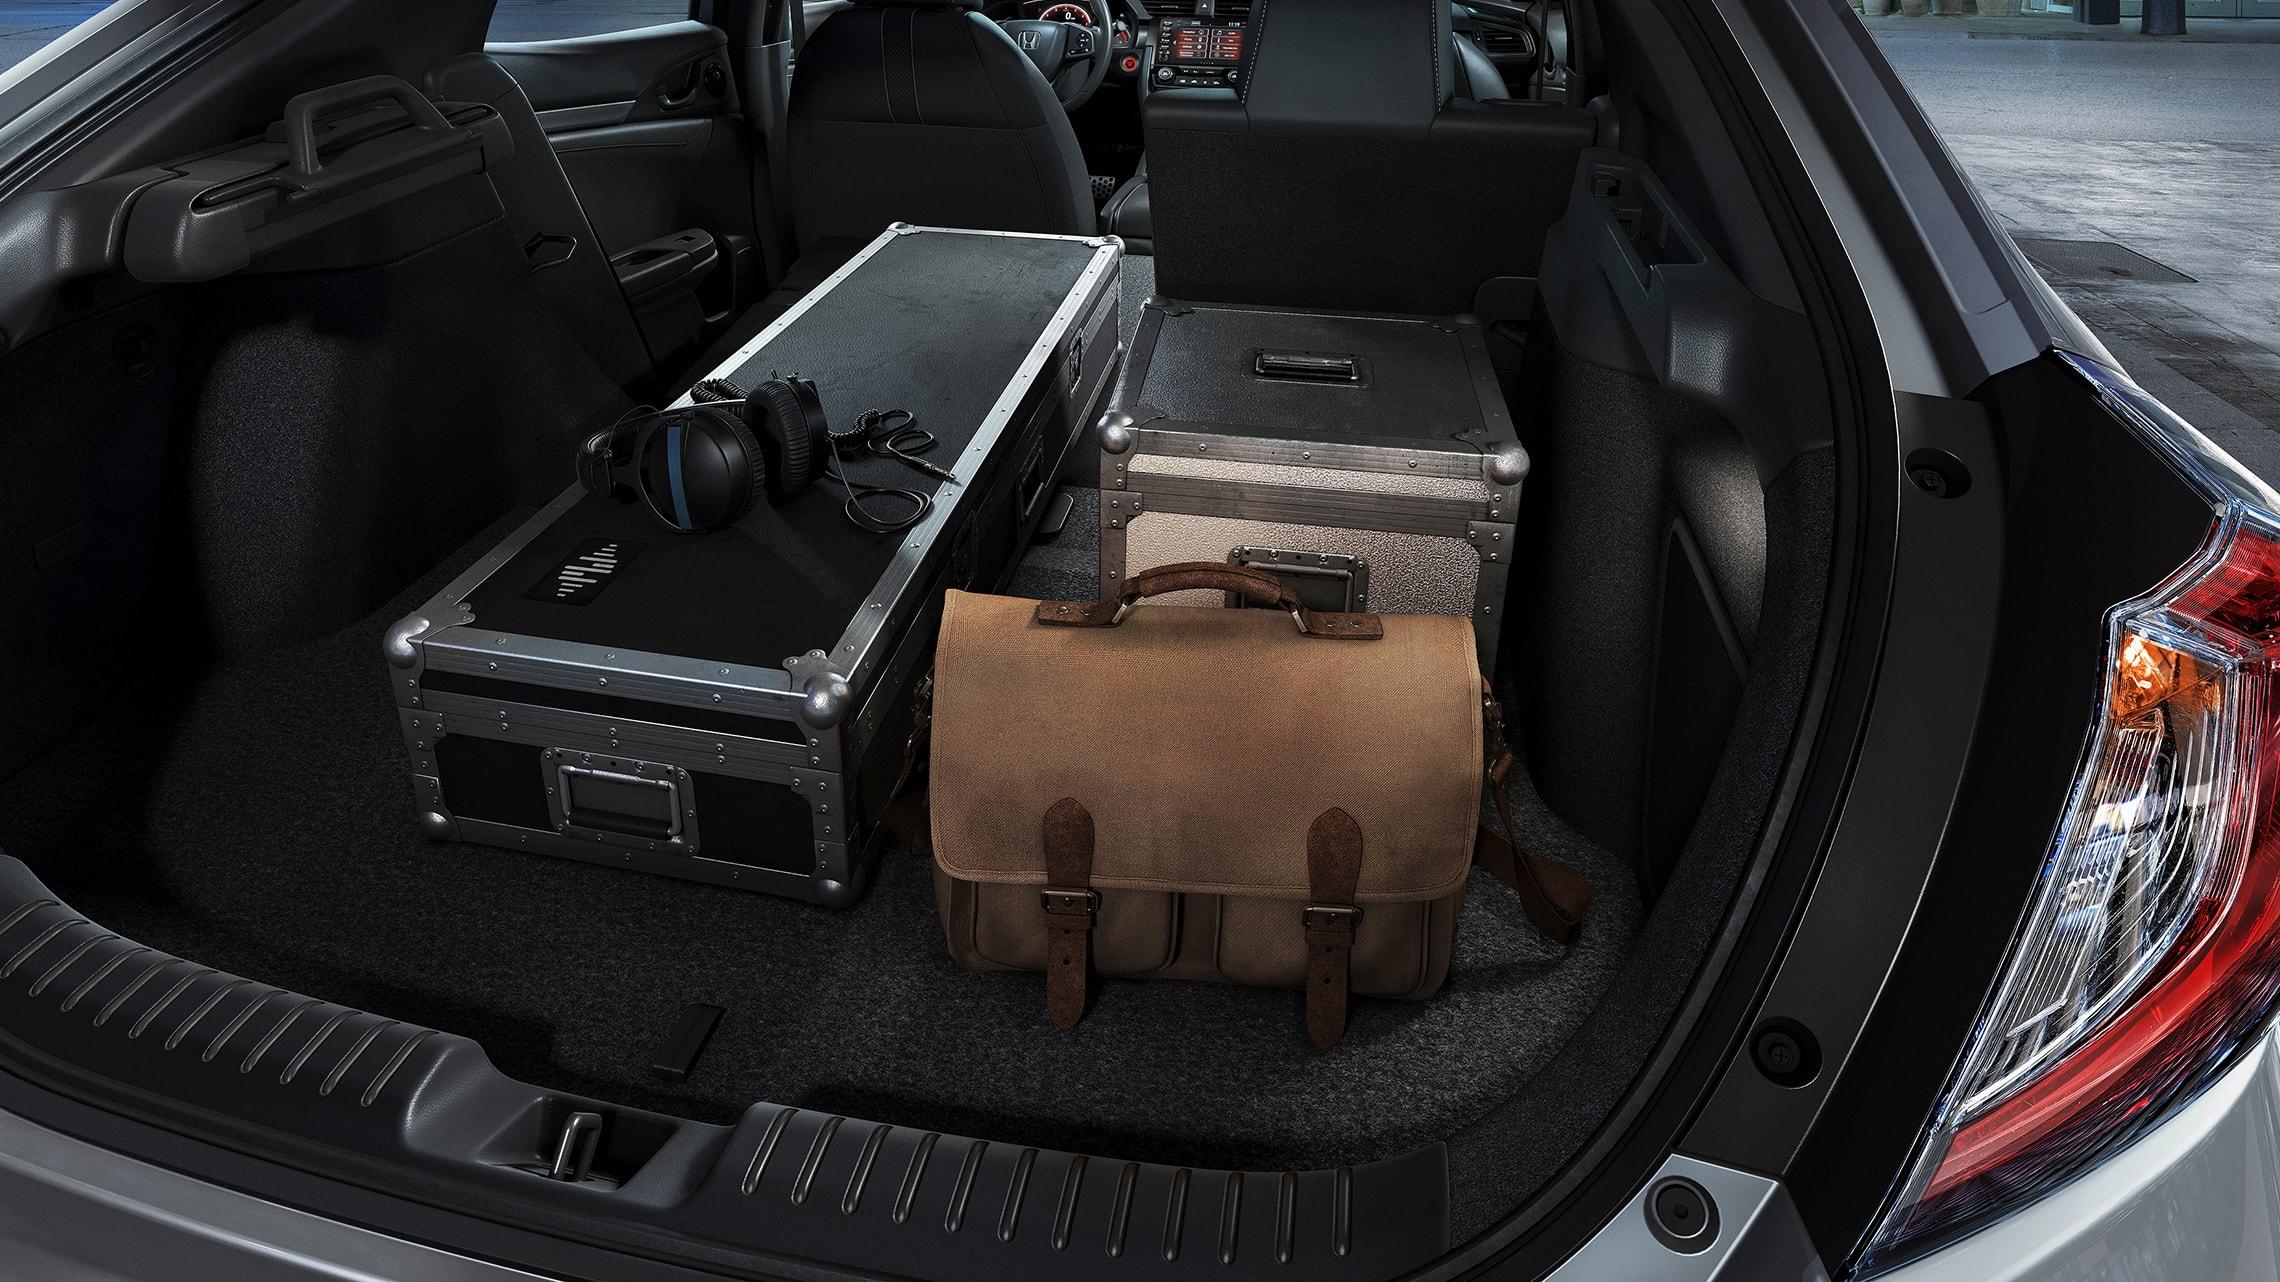 Varios artículos cargados en el espacio de carga del Honda Civic Sport Touring Hatchback2020 con asientos traseros plegables por partes 60/40.